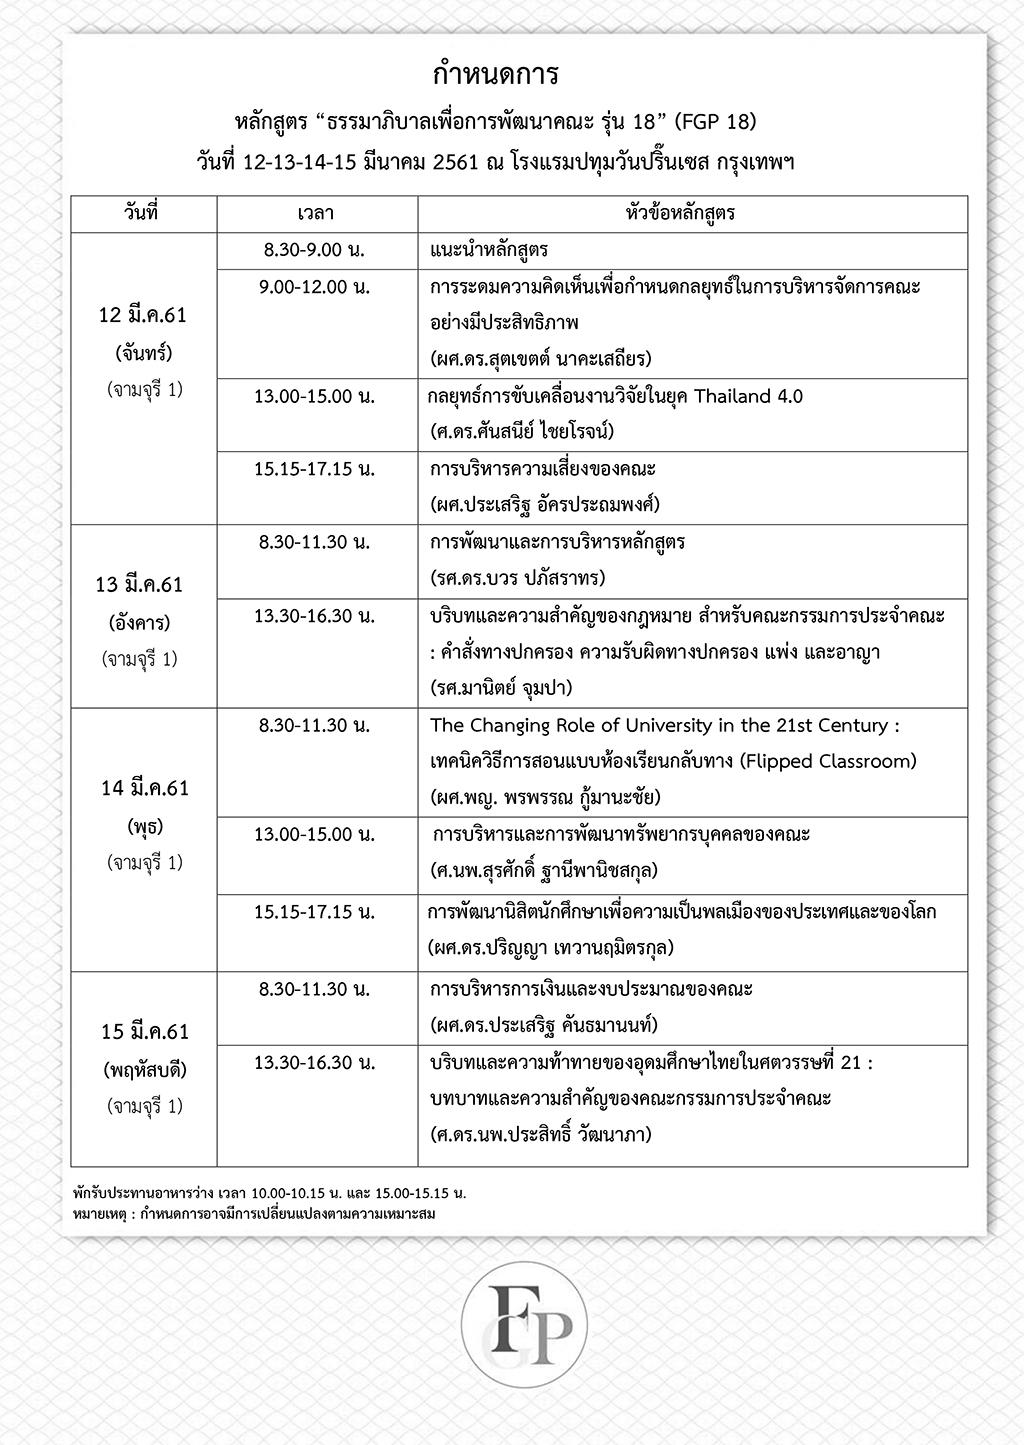 agenda-fgp18